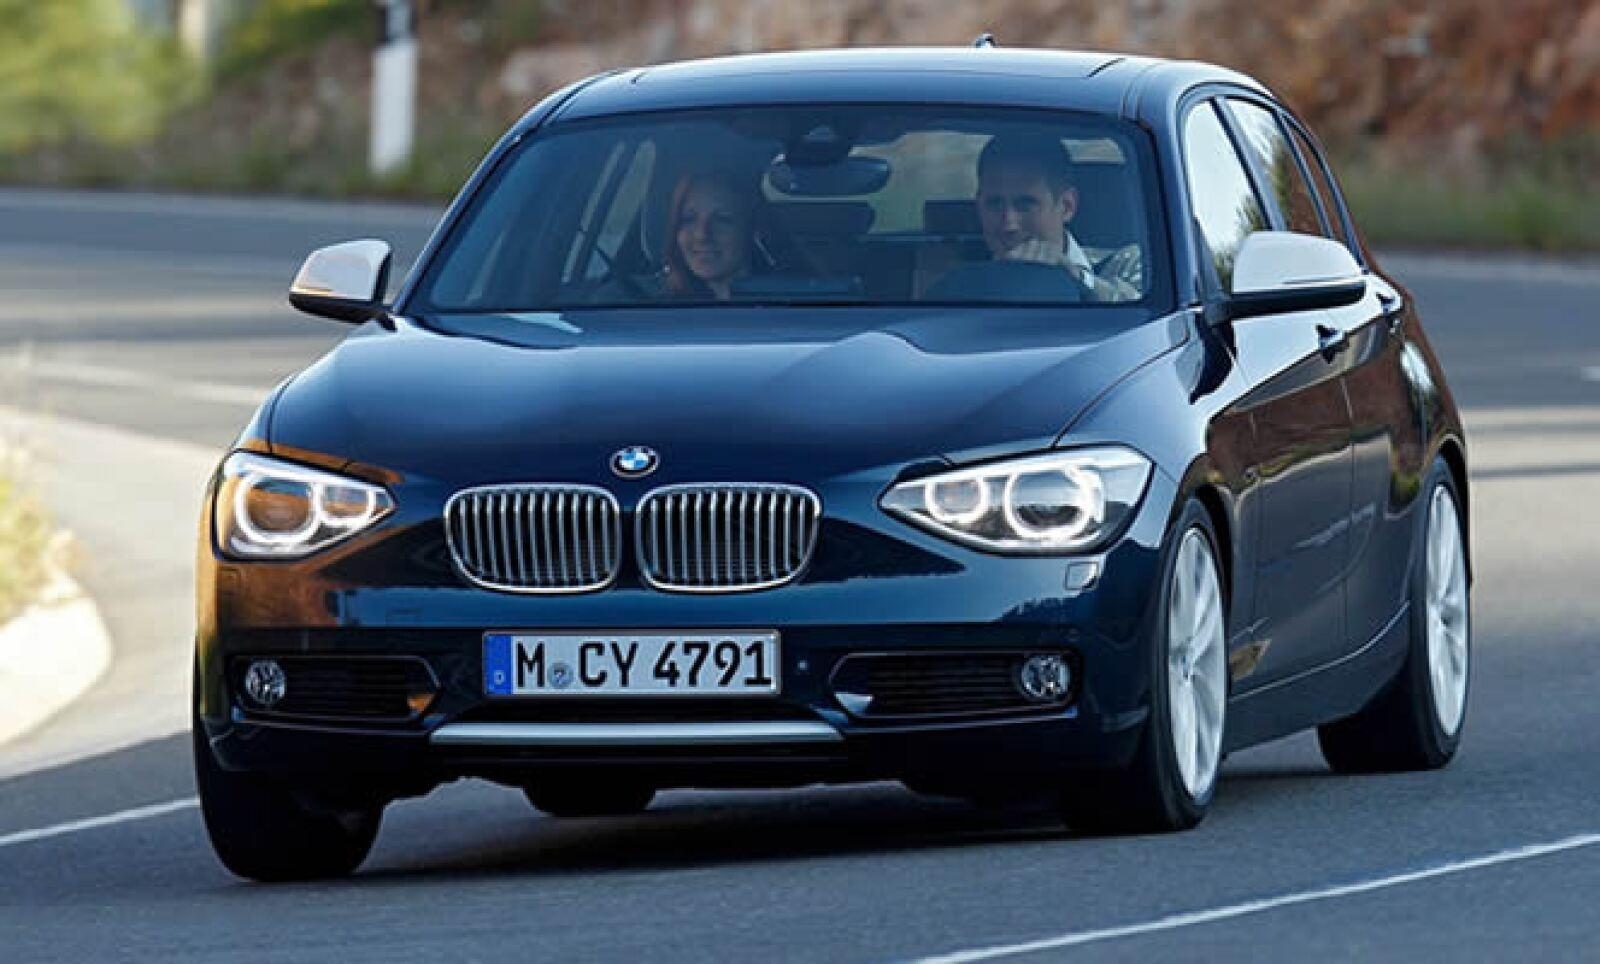 A diferencia de su antecesor, la carrocería del nuevo BMW Serie 1 es 85 milímetros más larga y la distancia entre ejes aumentó en 30 milímetros.